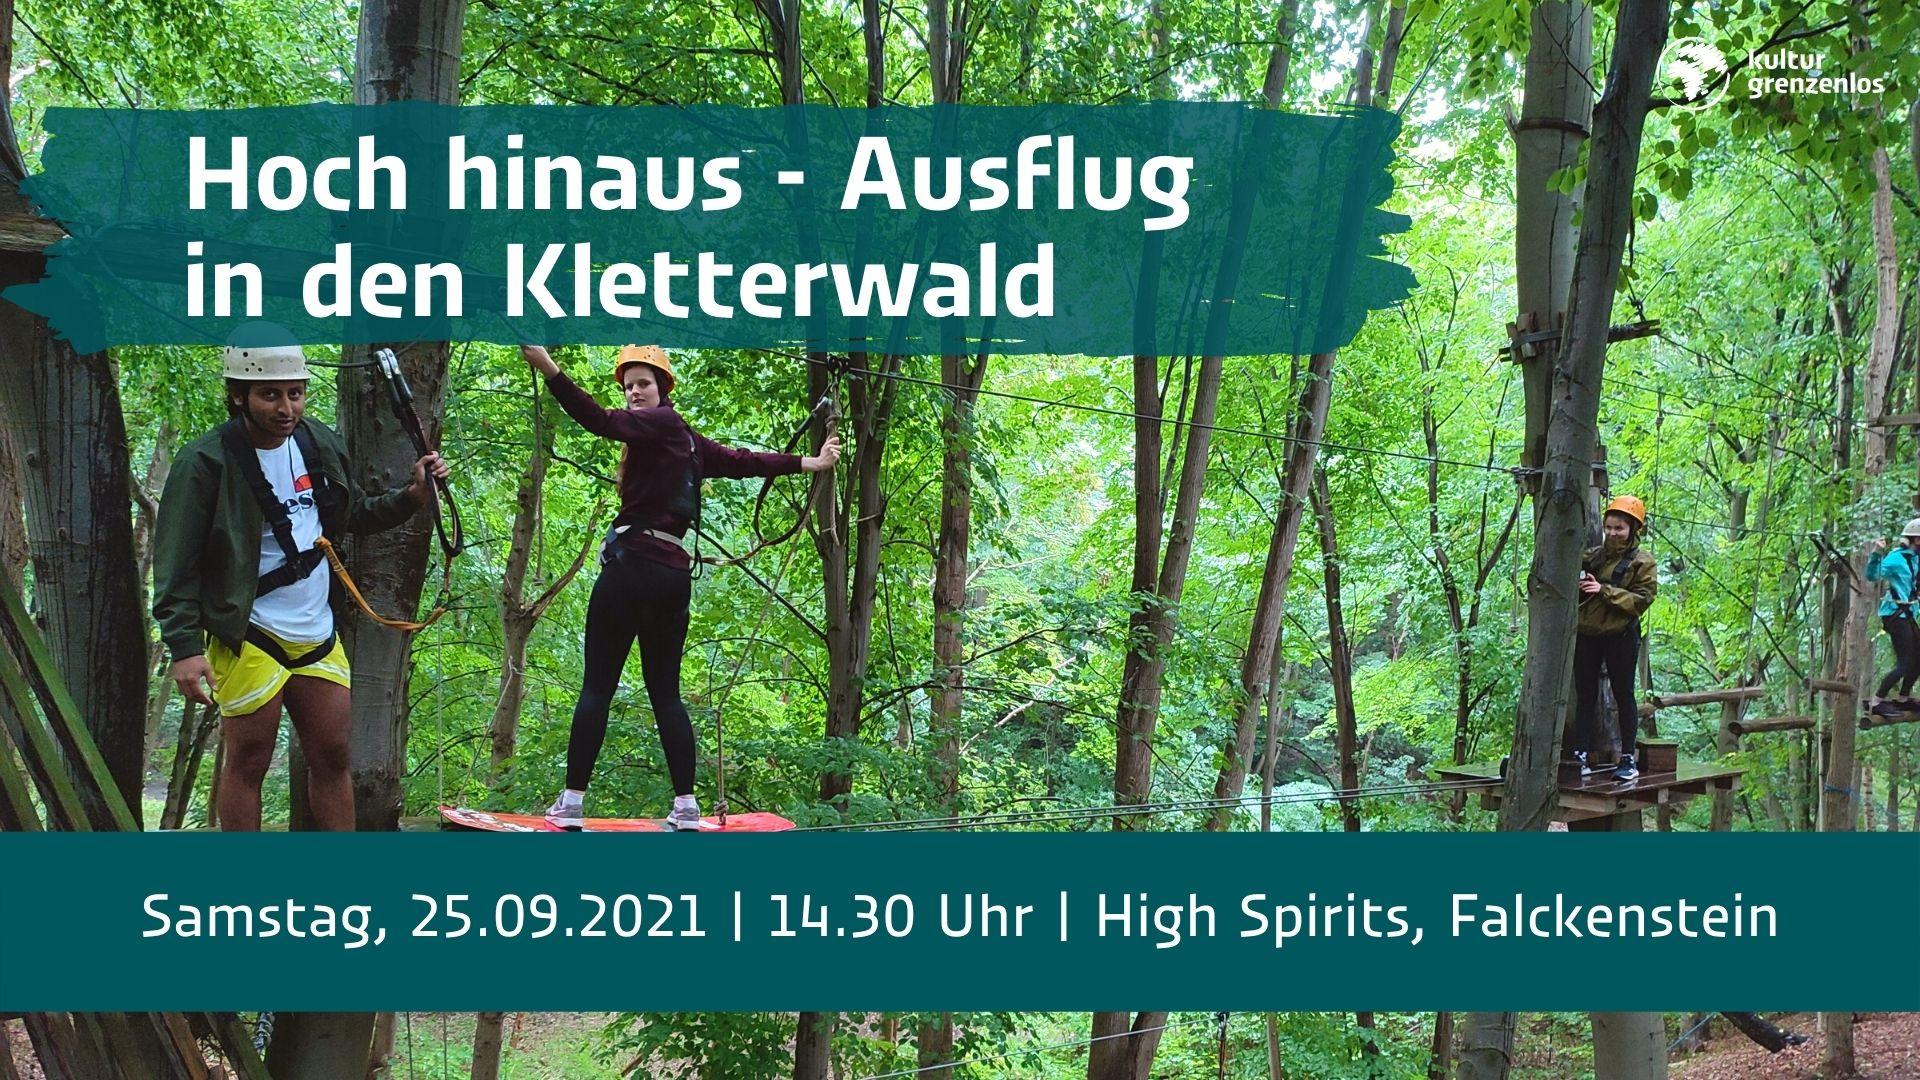 Kletterwald-Ausflug am 25.09.21